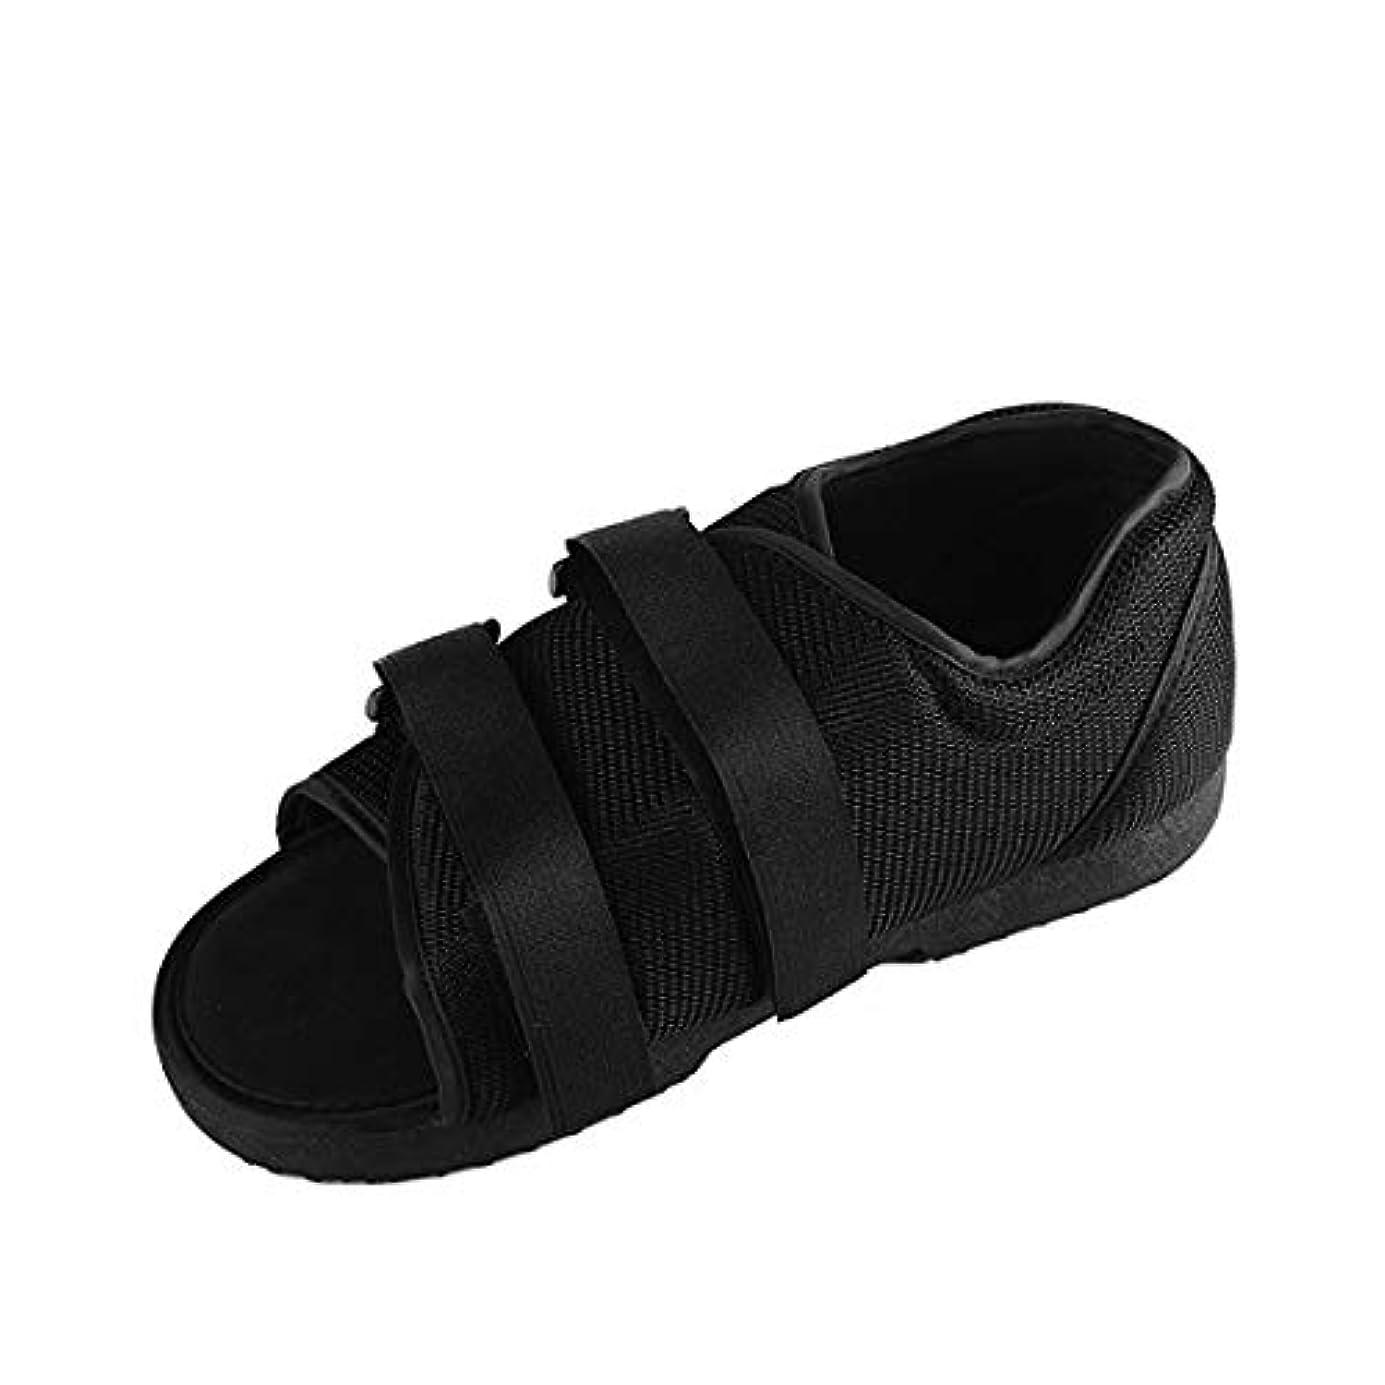 粘性のソーダ水ばかげた医療足骨折石膏の回復靴の手術後のつま先の靴を安定化骨折の靴を調整可能なファスナーで完全なカバー,WS23.5*9cm